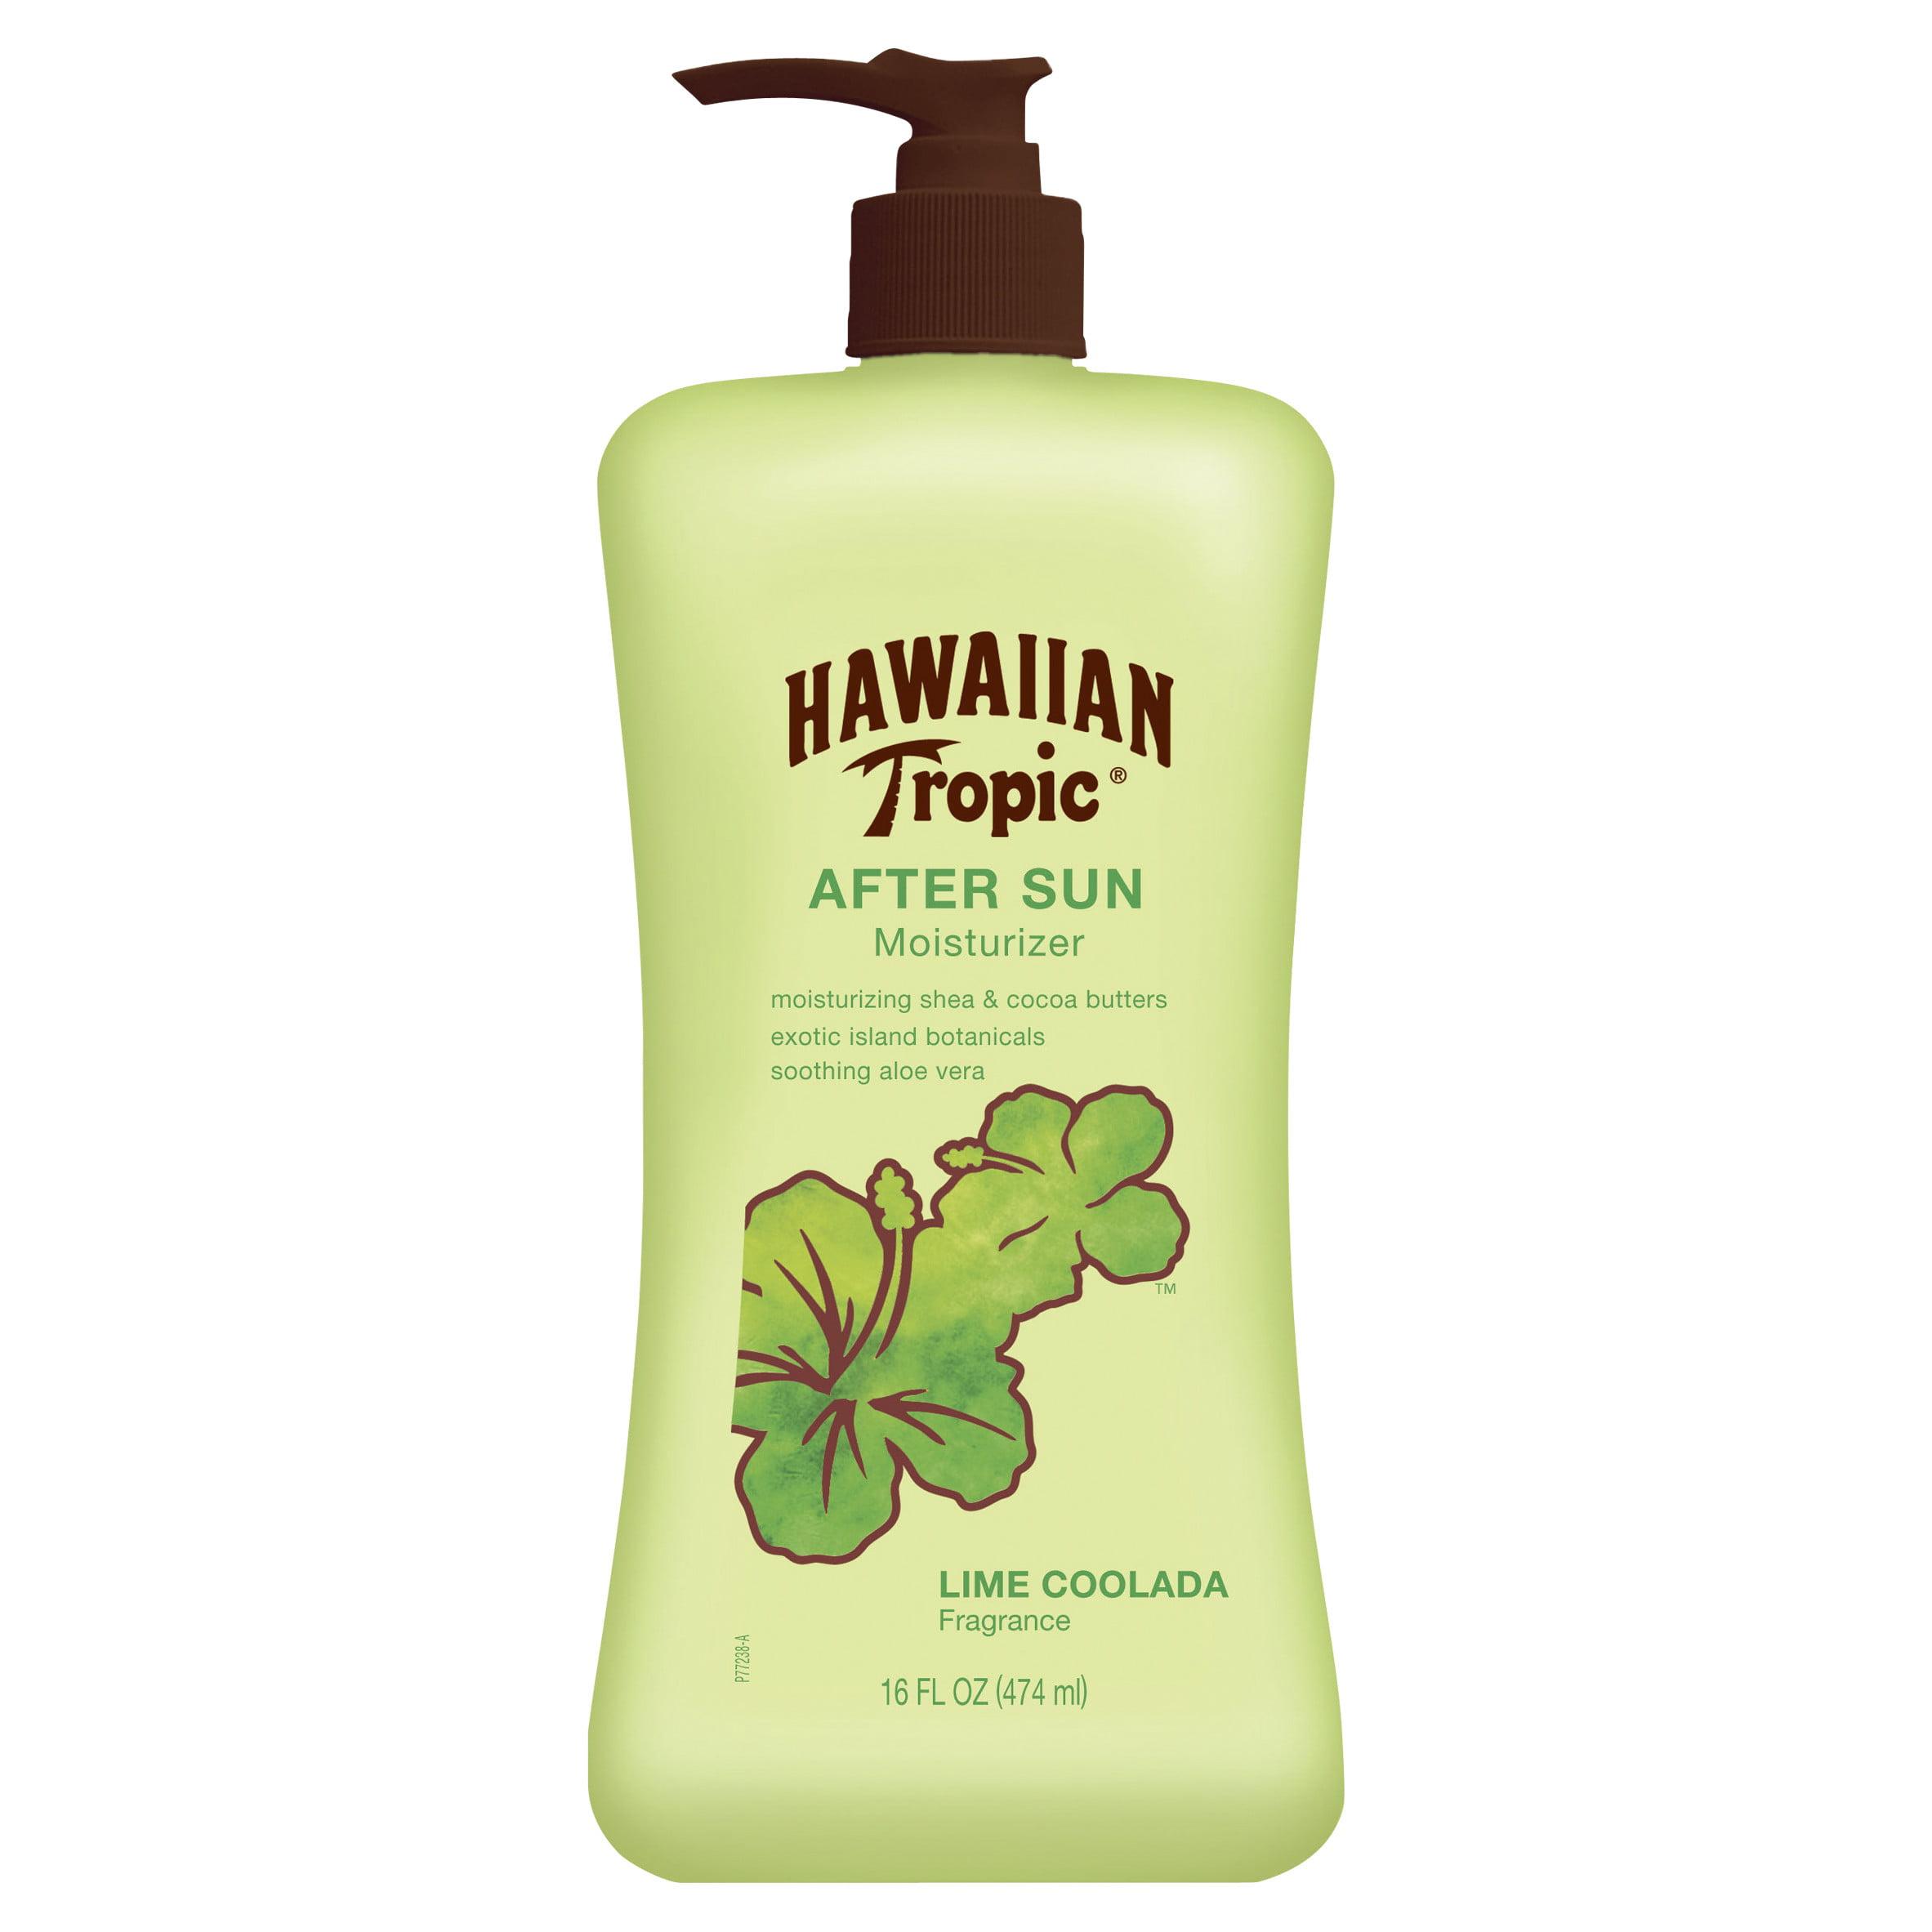 Hawaiian Tropic Lime Coolada After Sun Moisturizer - 16 Ounces